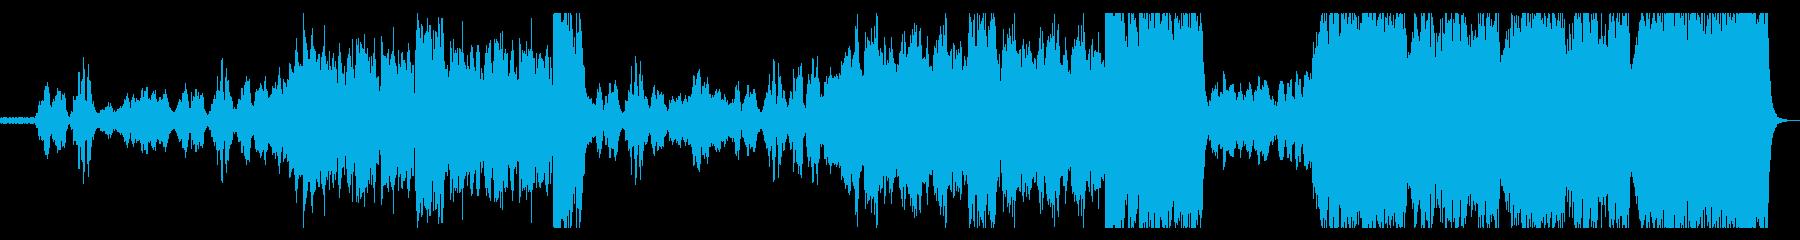 花のワルツ ショートバージョンの再生済みの波形